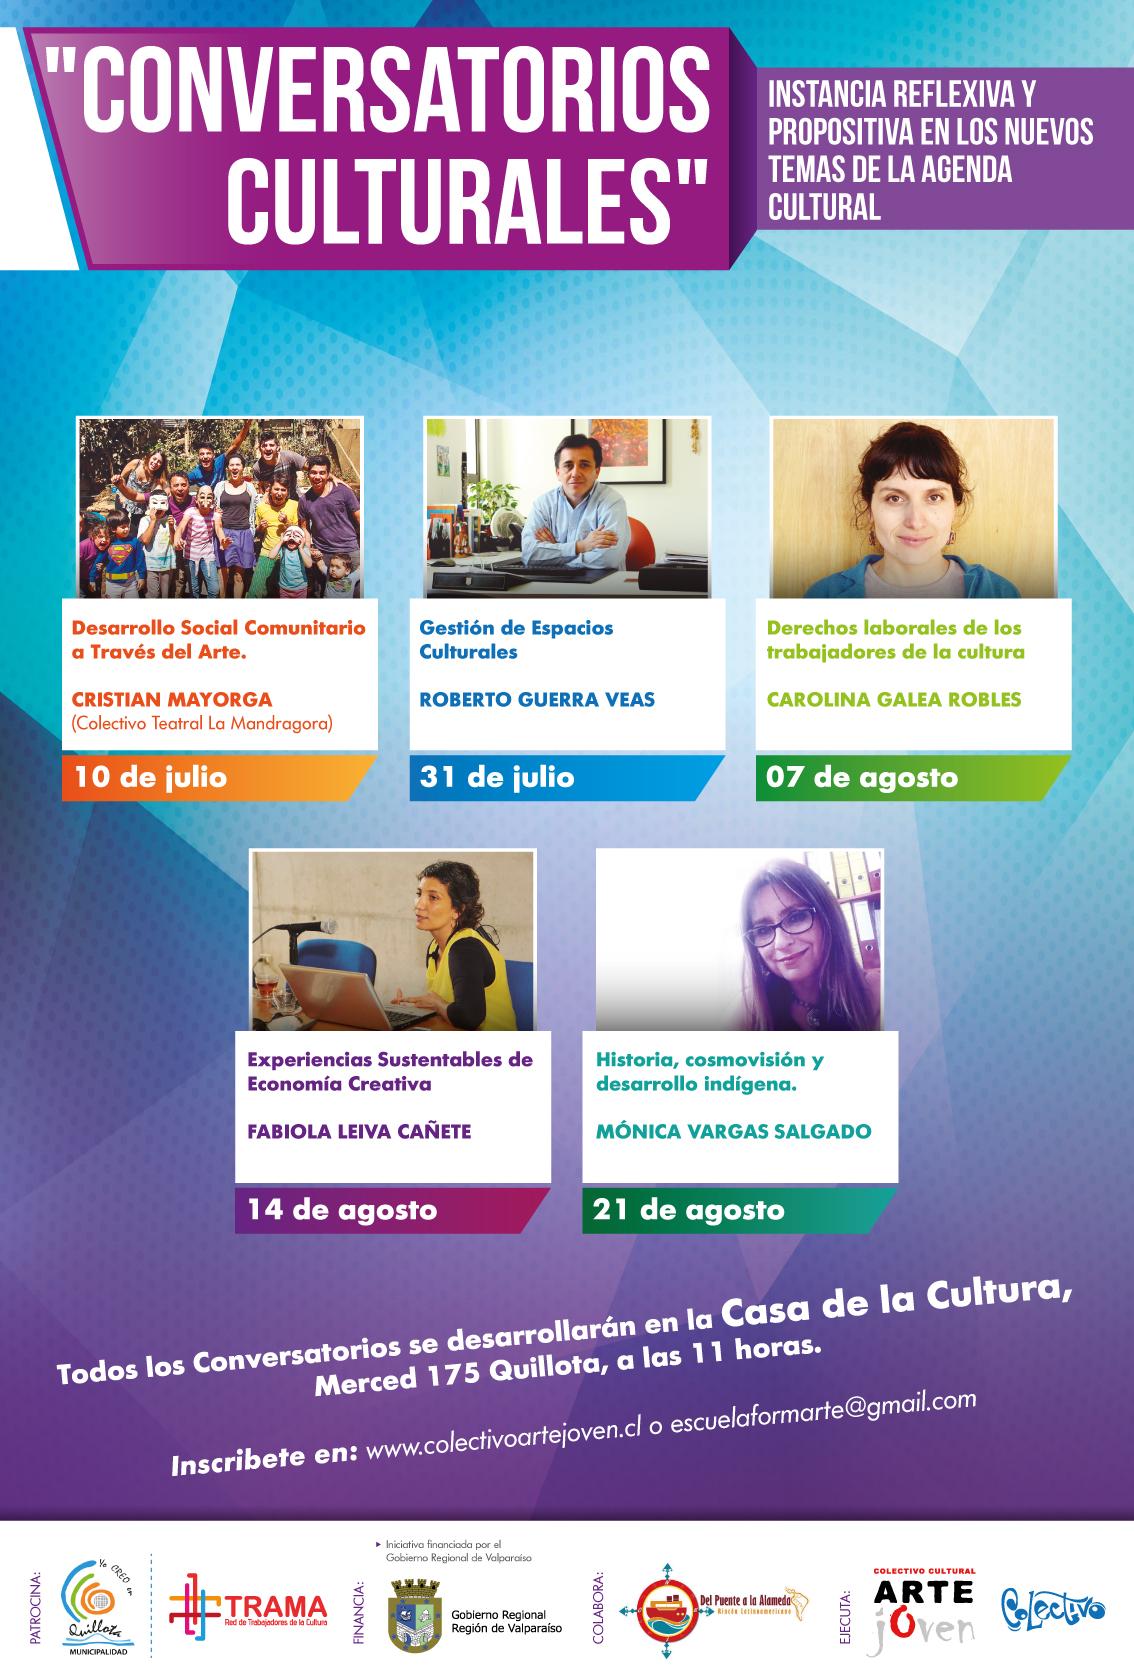 Foto: Escuela FormARTE Colectivo Arte Joven.